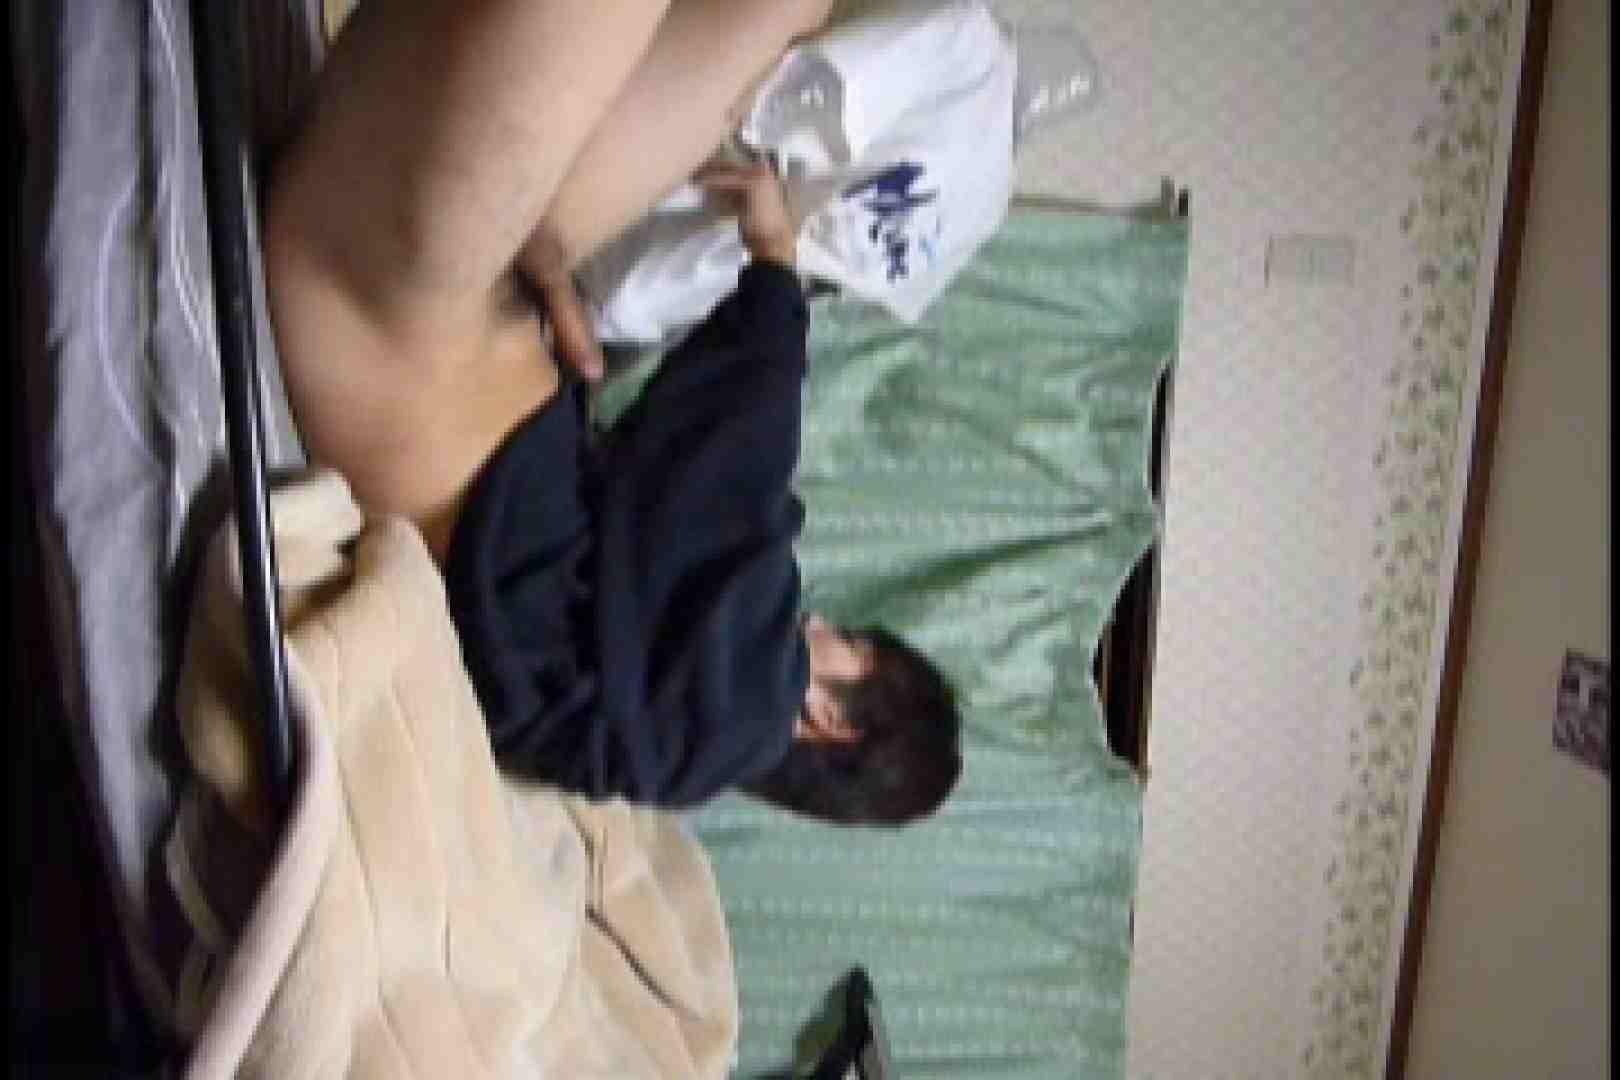 オナ好きノンケテニス部員の自画撮り投稿vol.08 オナニー  58pic 11